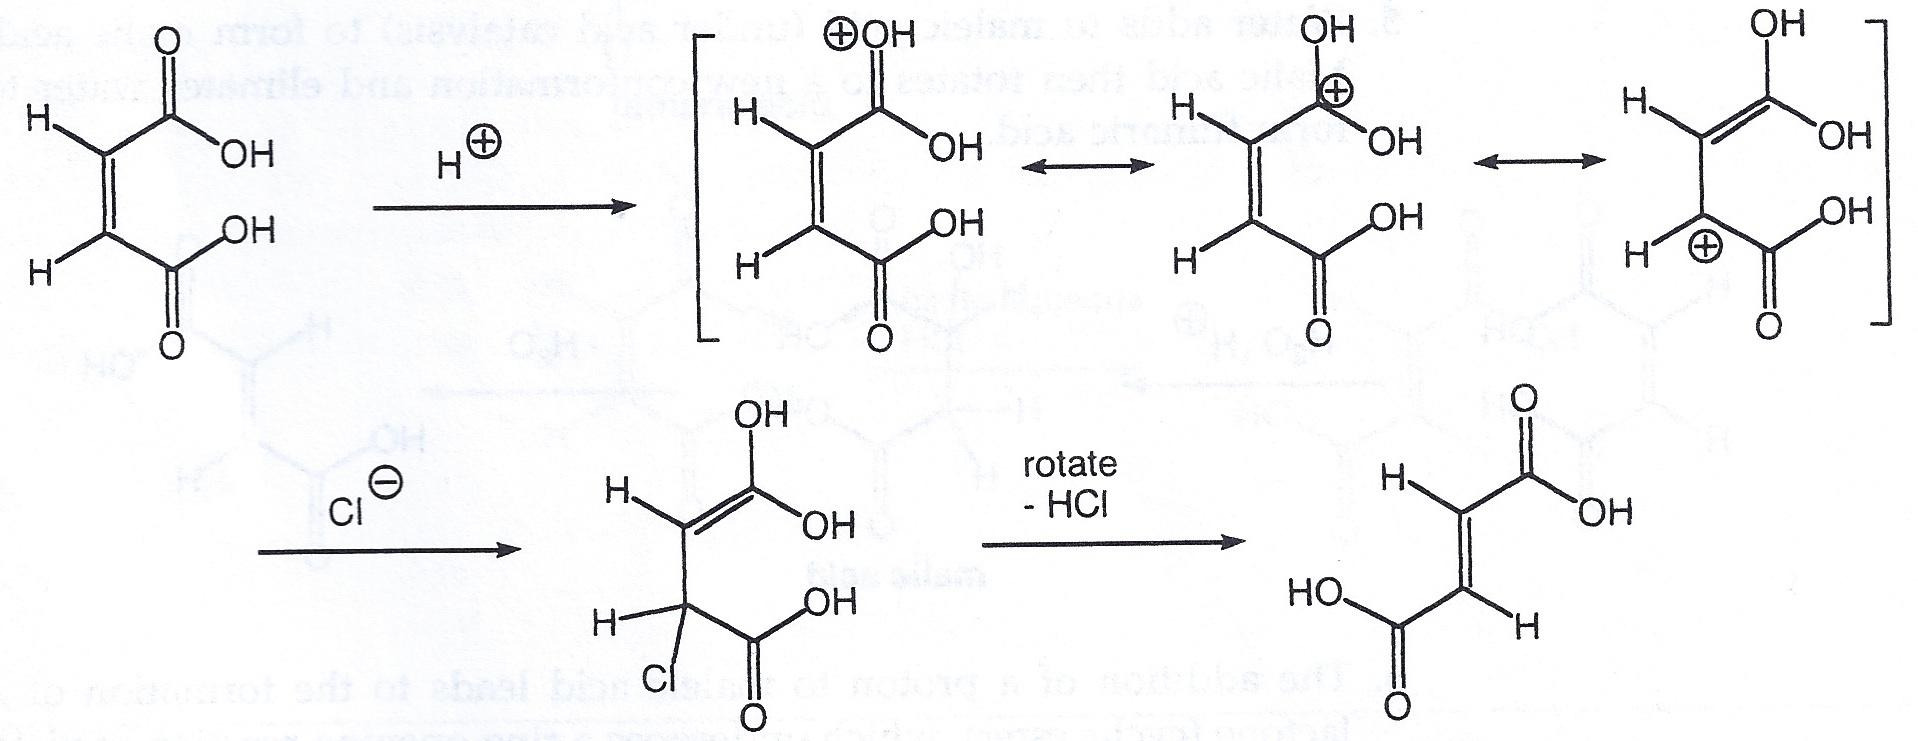 chemistry archive october 29 2014 cheggcom